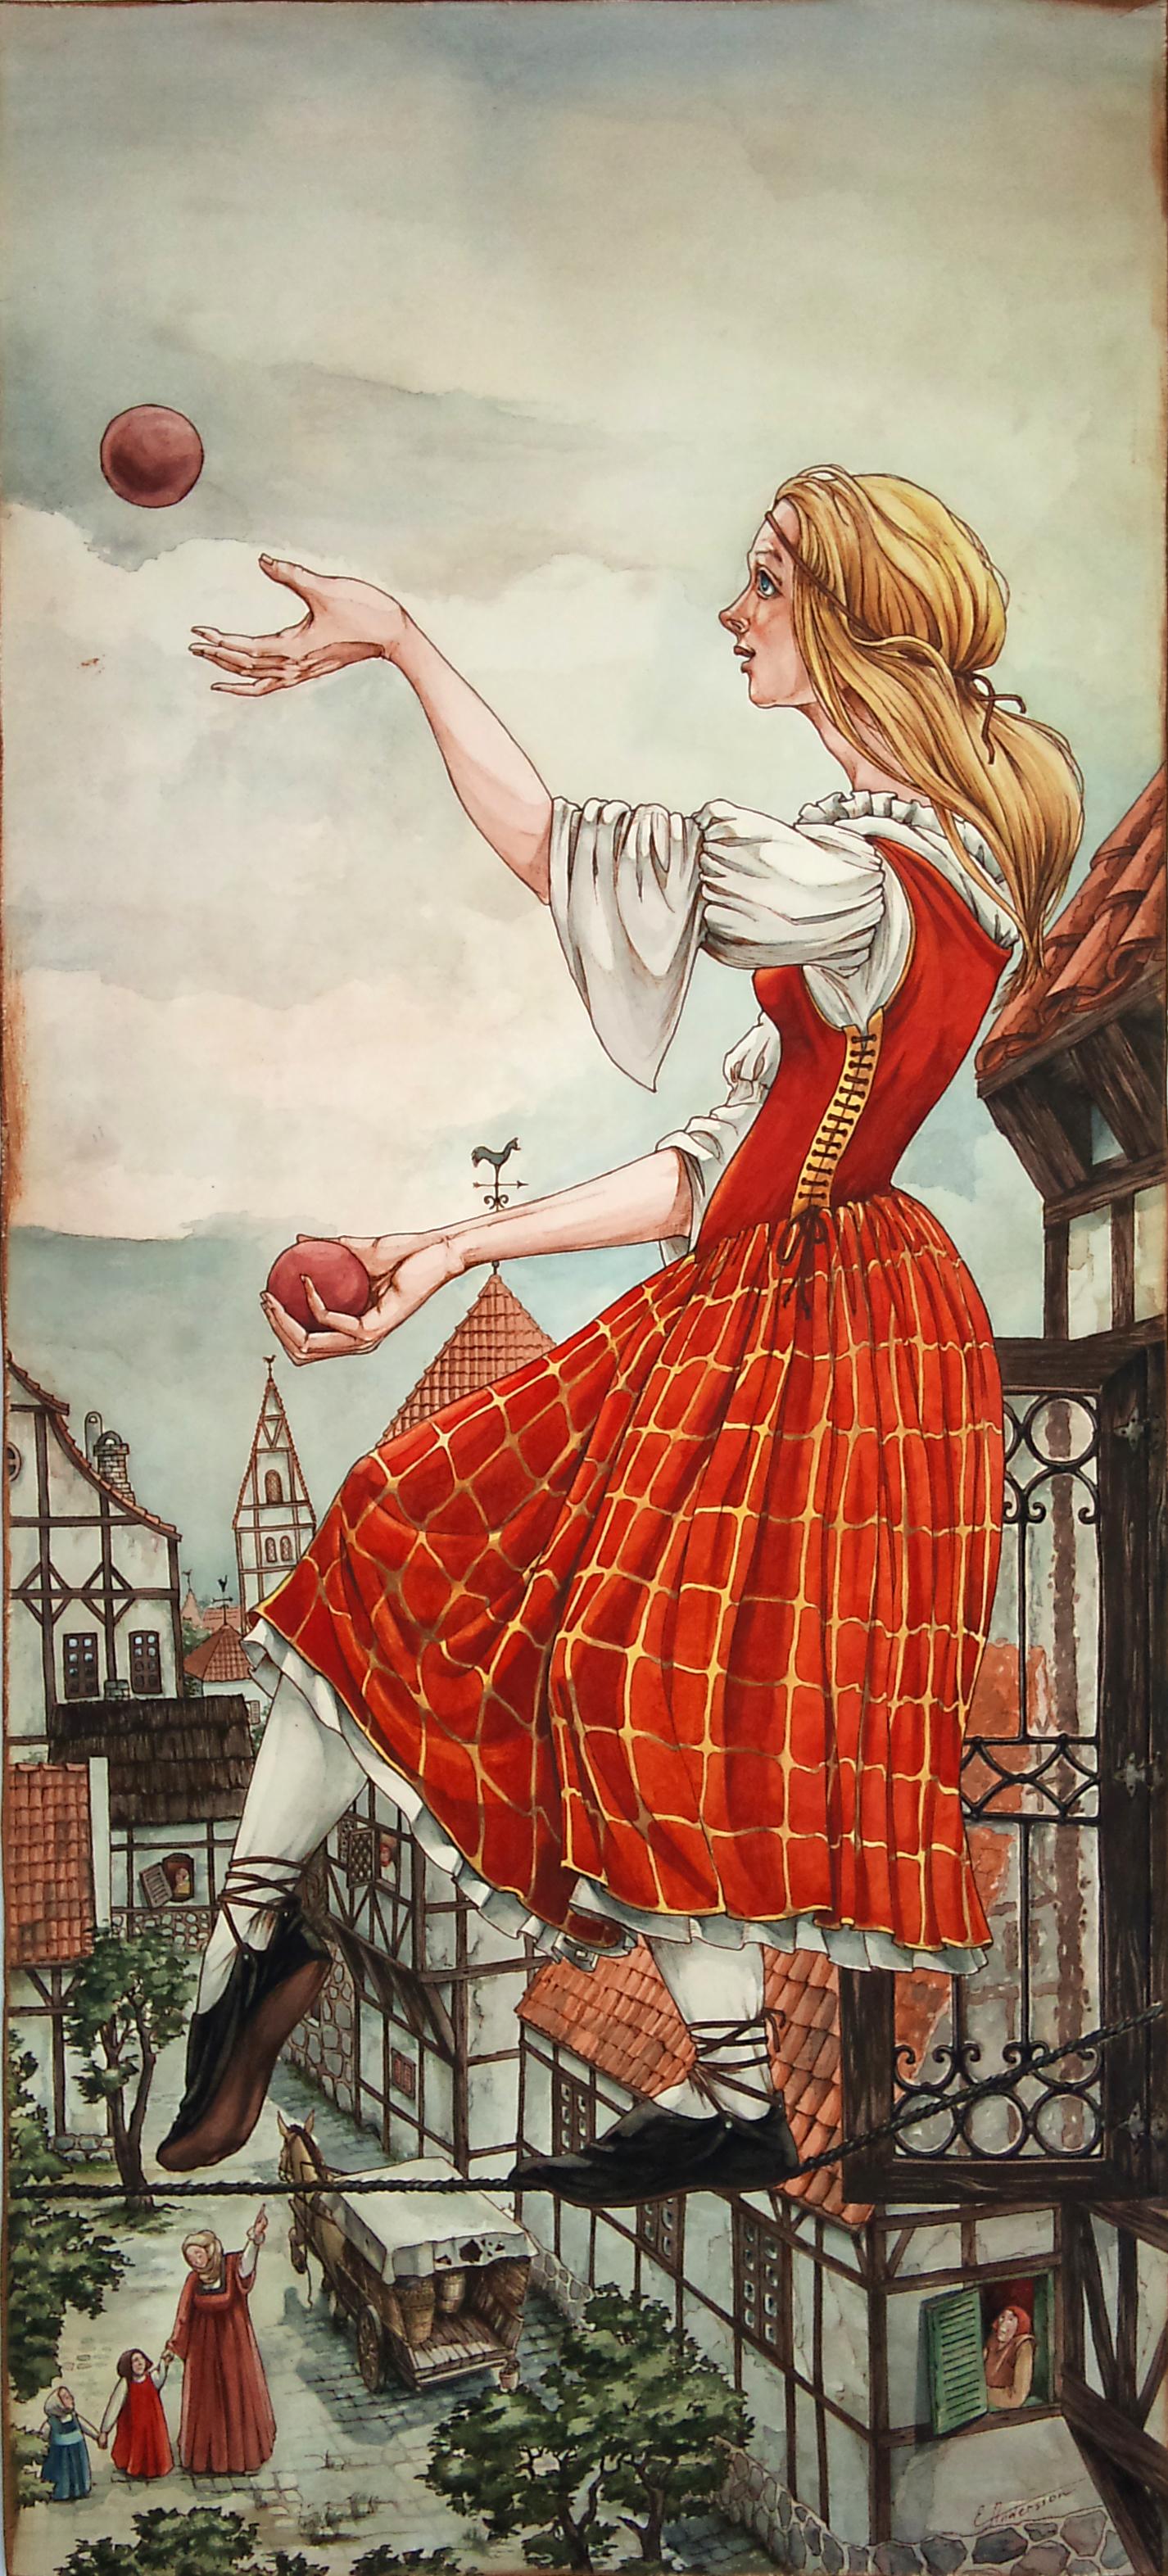 Ropewalkers jugglers (2)